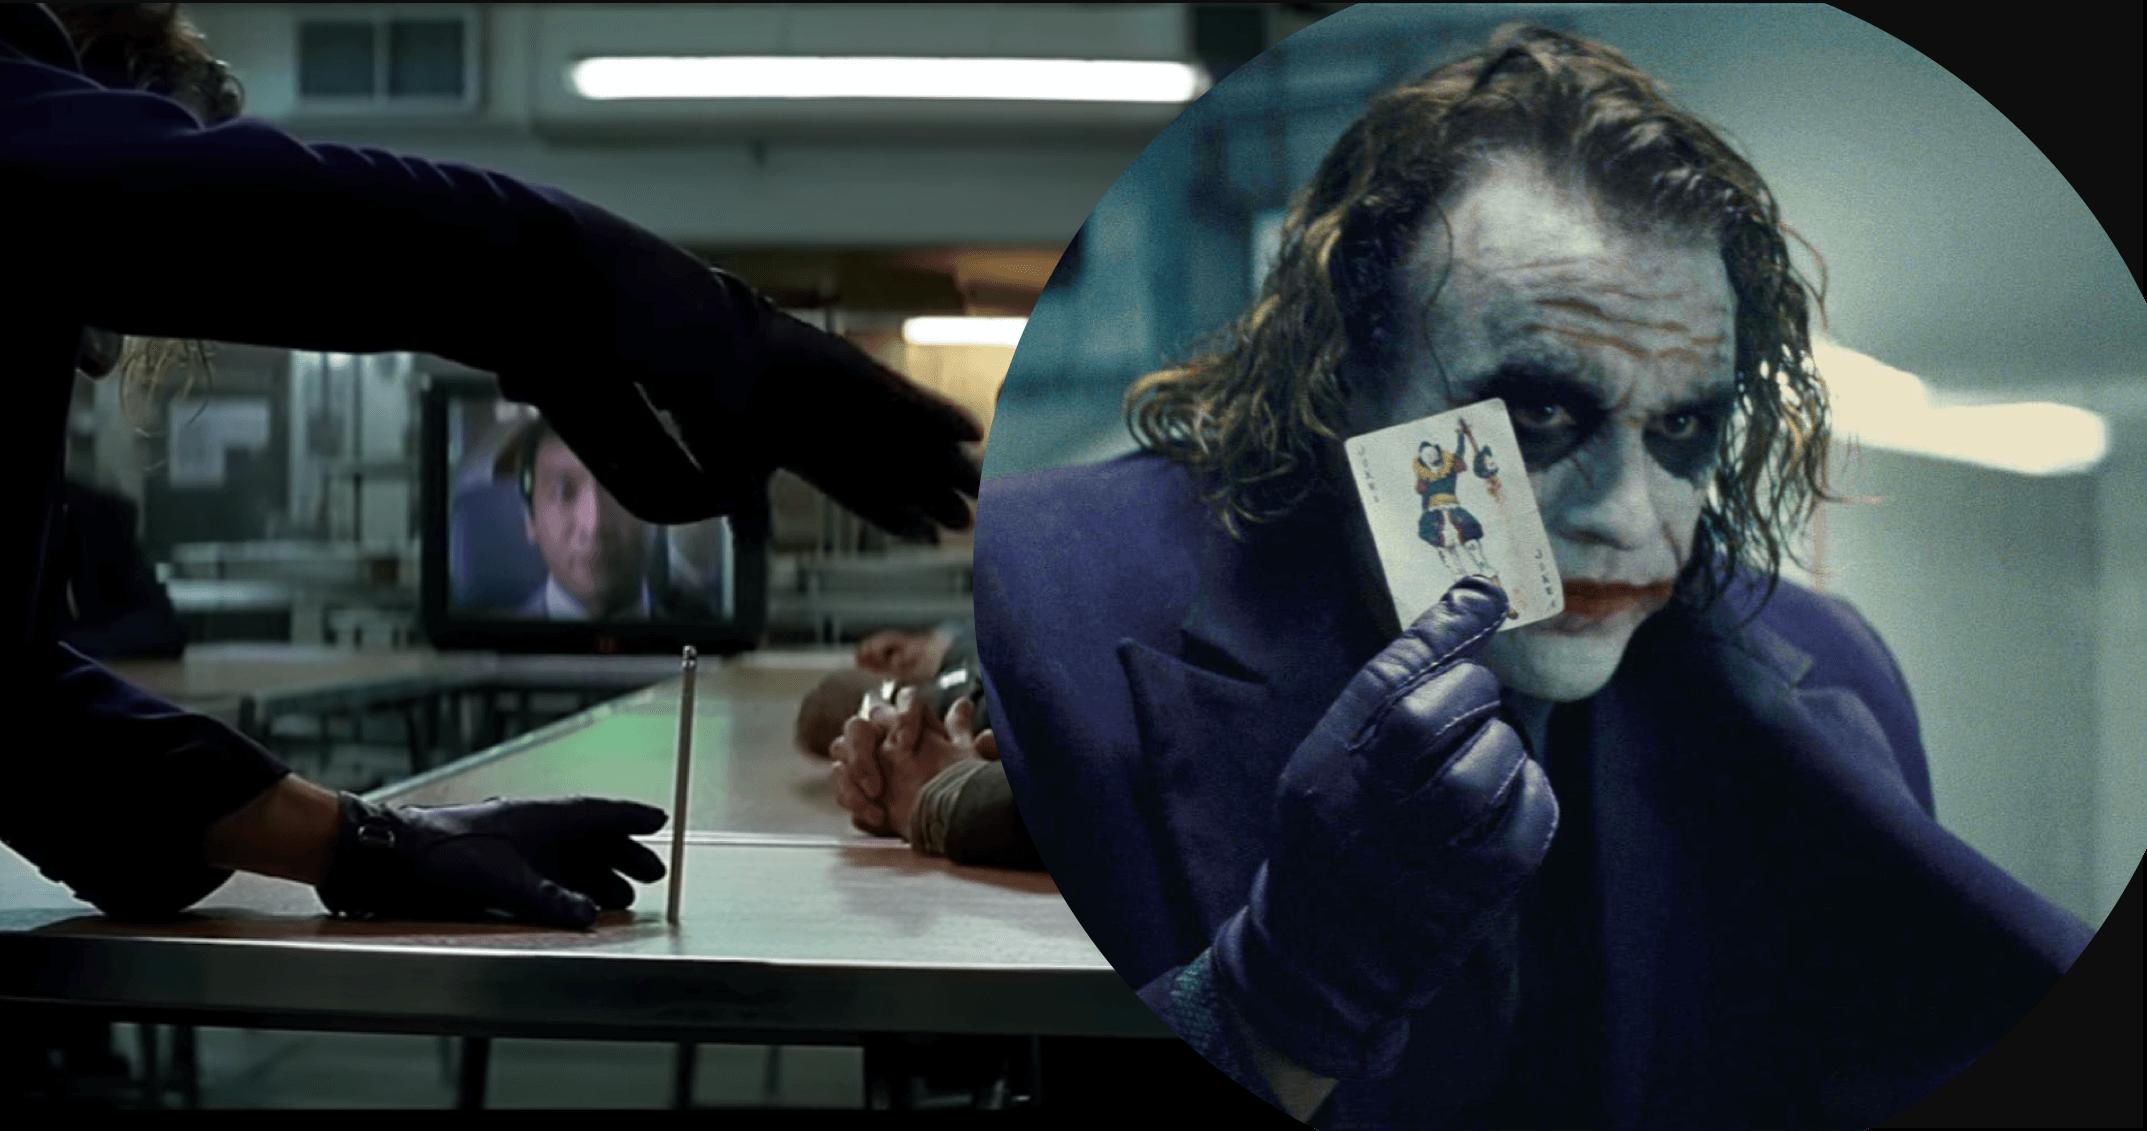 《黑暗騎士》「小丑把鉛筆變不見」經典橋段是怎麼拍的? 幕後拍攝秘辛曝光首圖